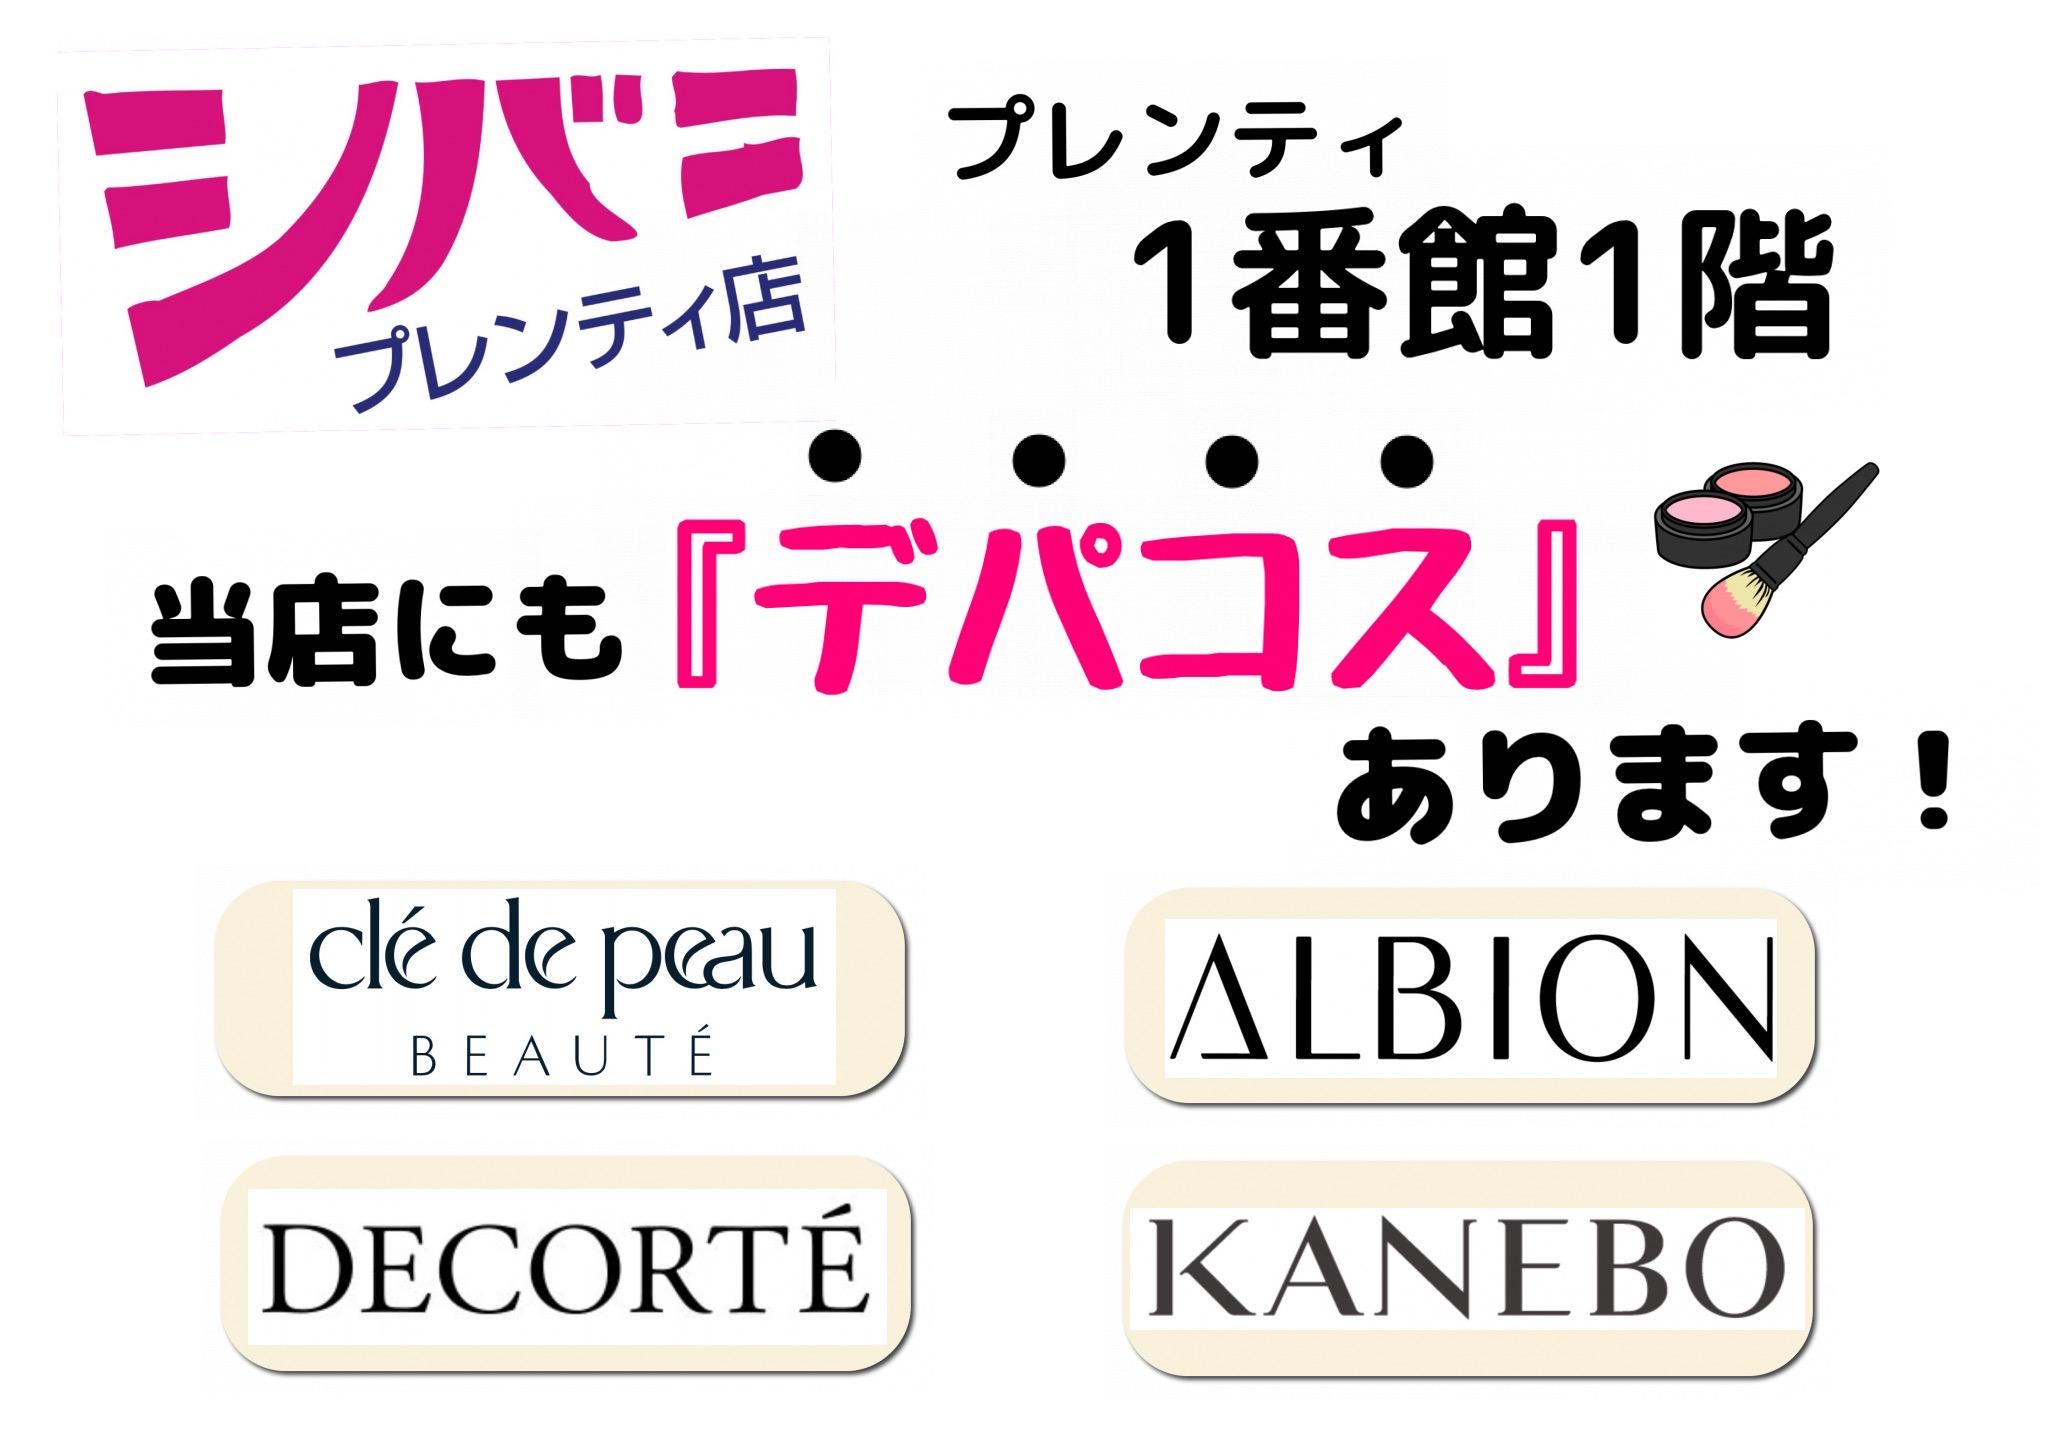 シバニ化粧品店にも『デパコス』ございます!